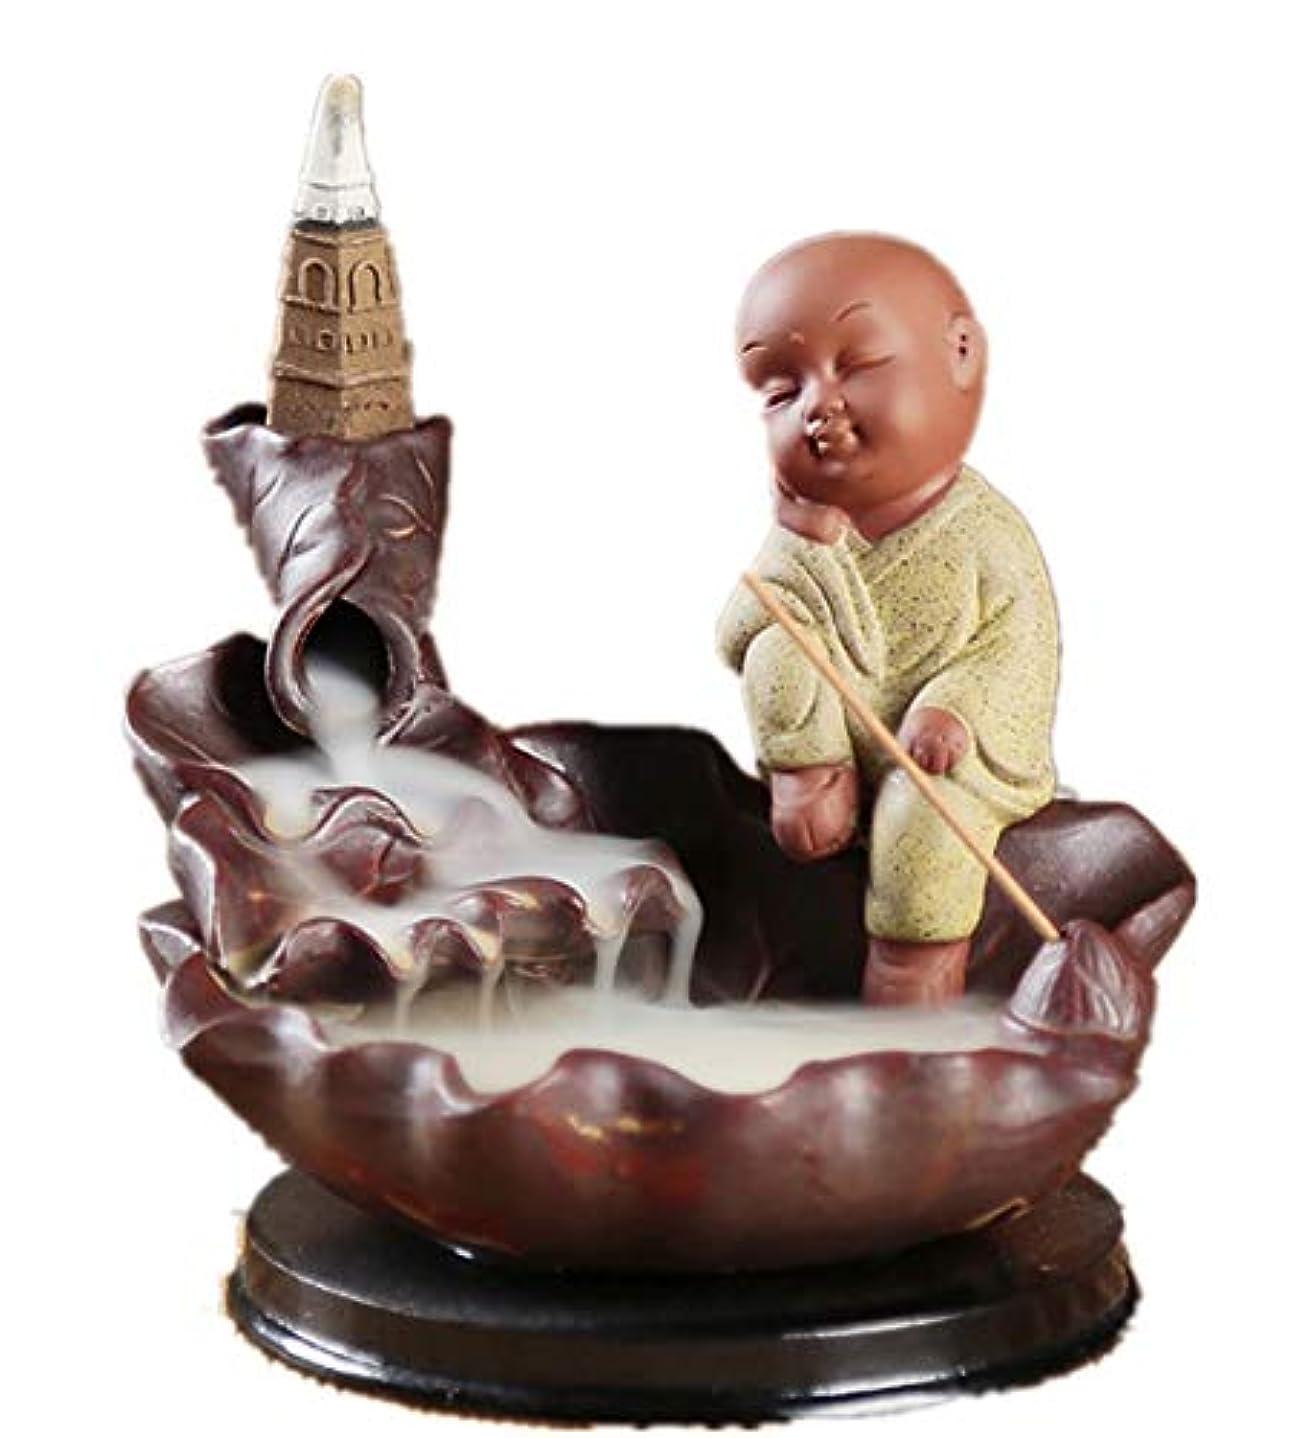 人社会オーケストラXPPXPP Backflow Incense Burner, Household Ceramic Returning Cone-shaped Candlestick Burner